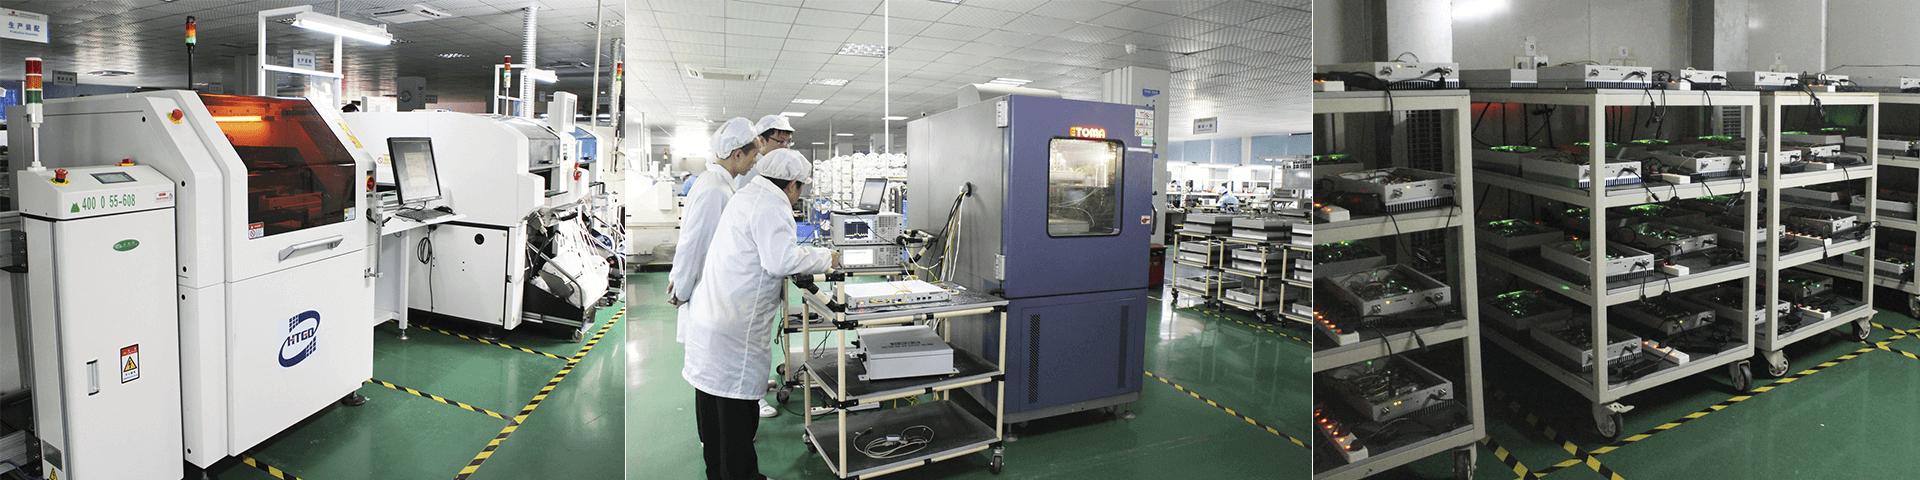 hiboost-manufacture1-1 (1)